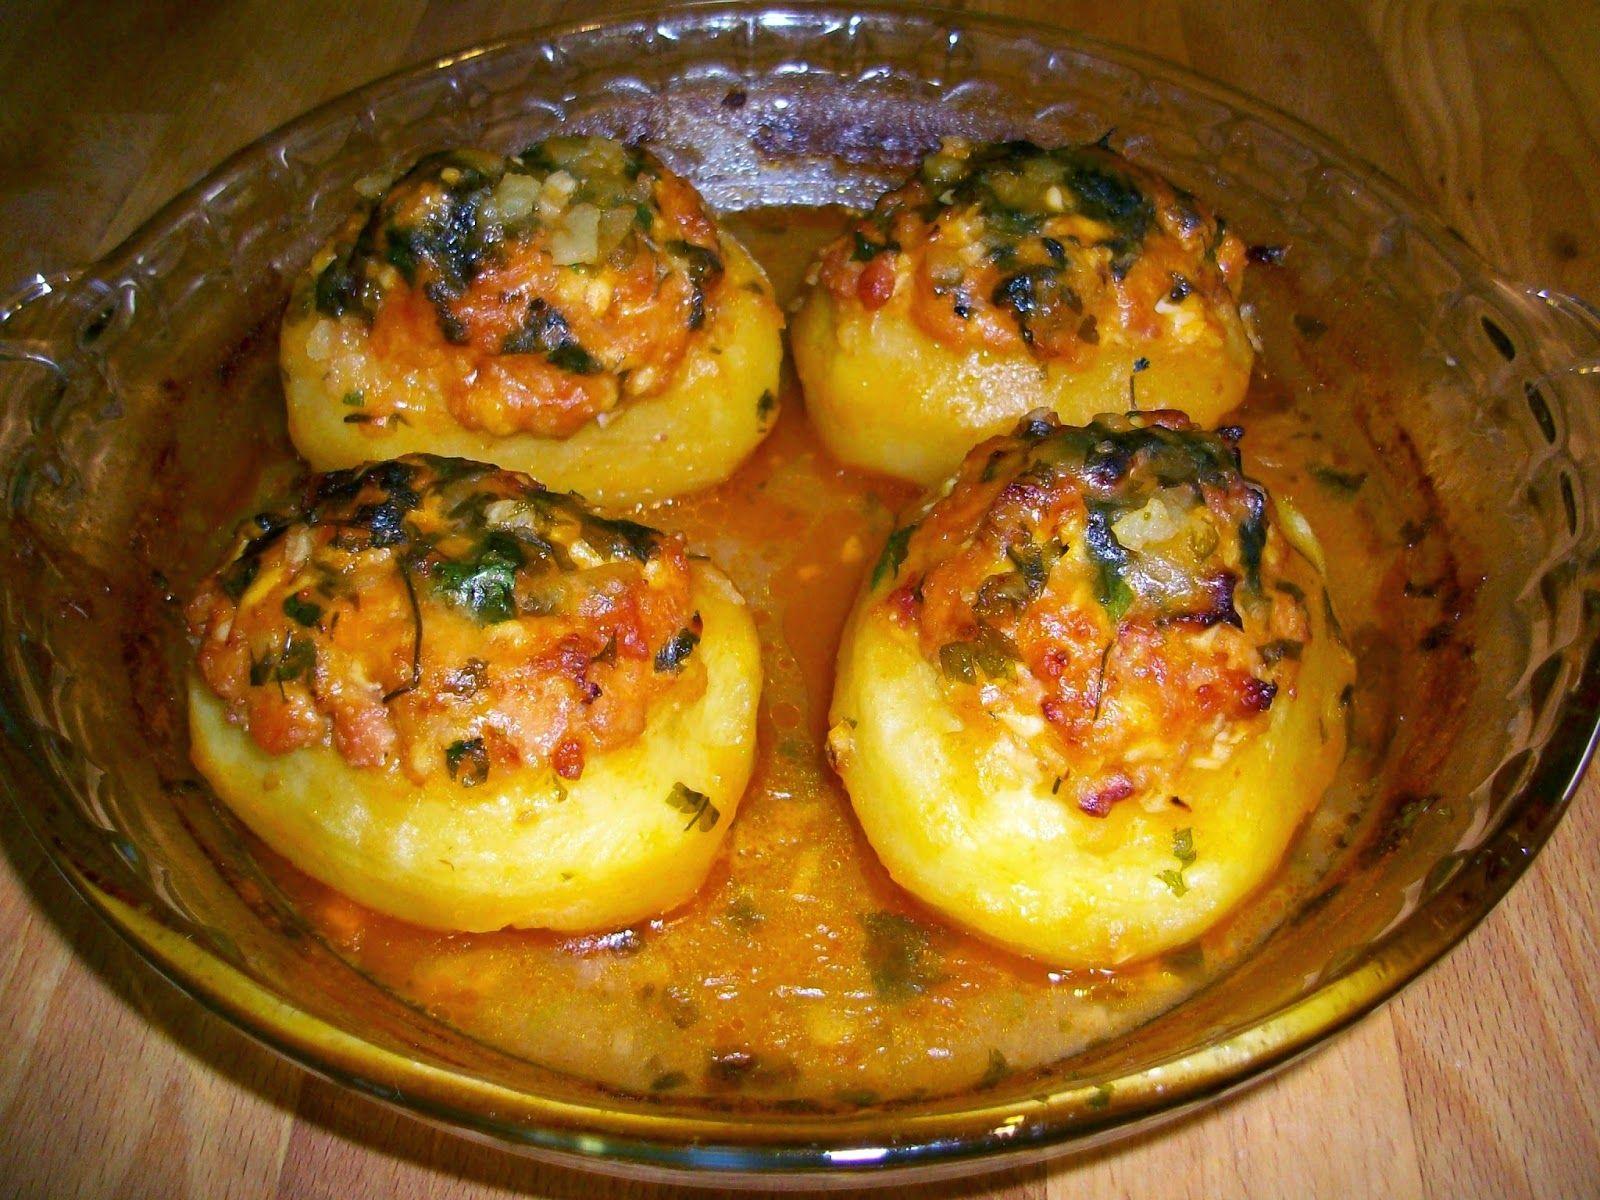 Paso A Paso Ingredientes 4 Patatas De Tamaño Regular 150 Gr De Carne Picada 50 Gr Beicon Media Cebolla Peq Patatas Rellenas Al Horno Patatas Patata Rellena